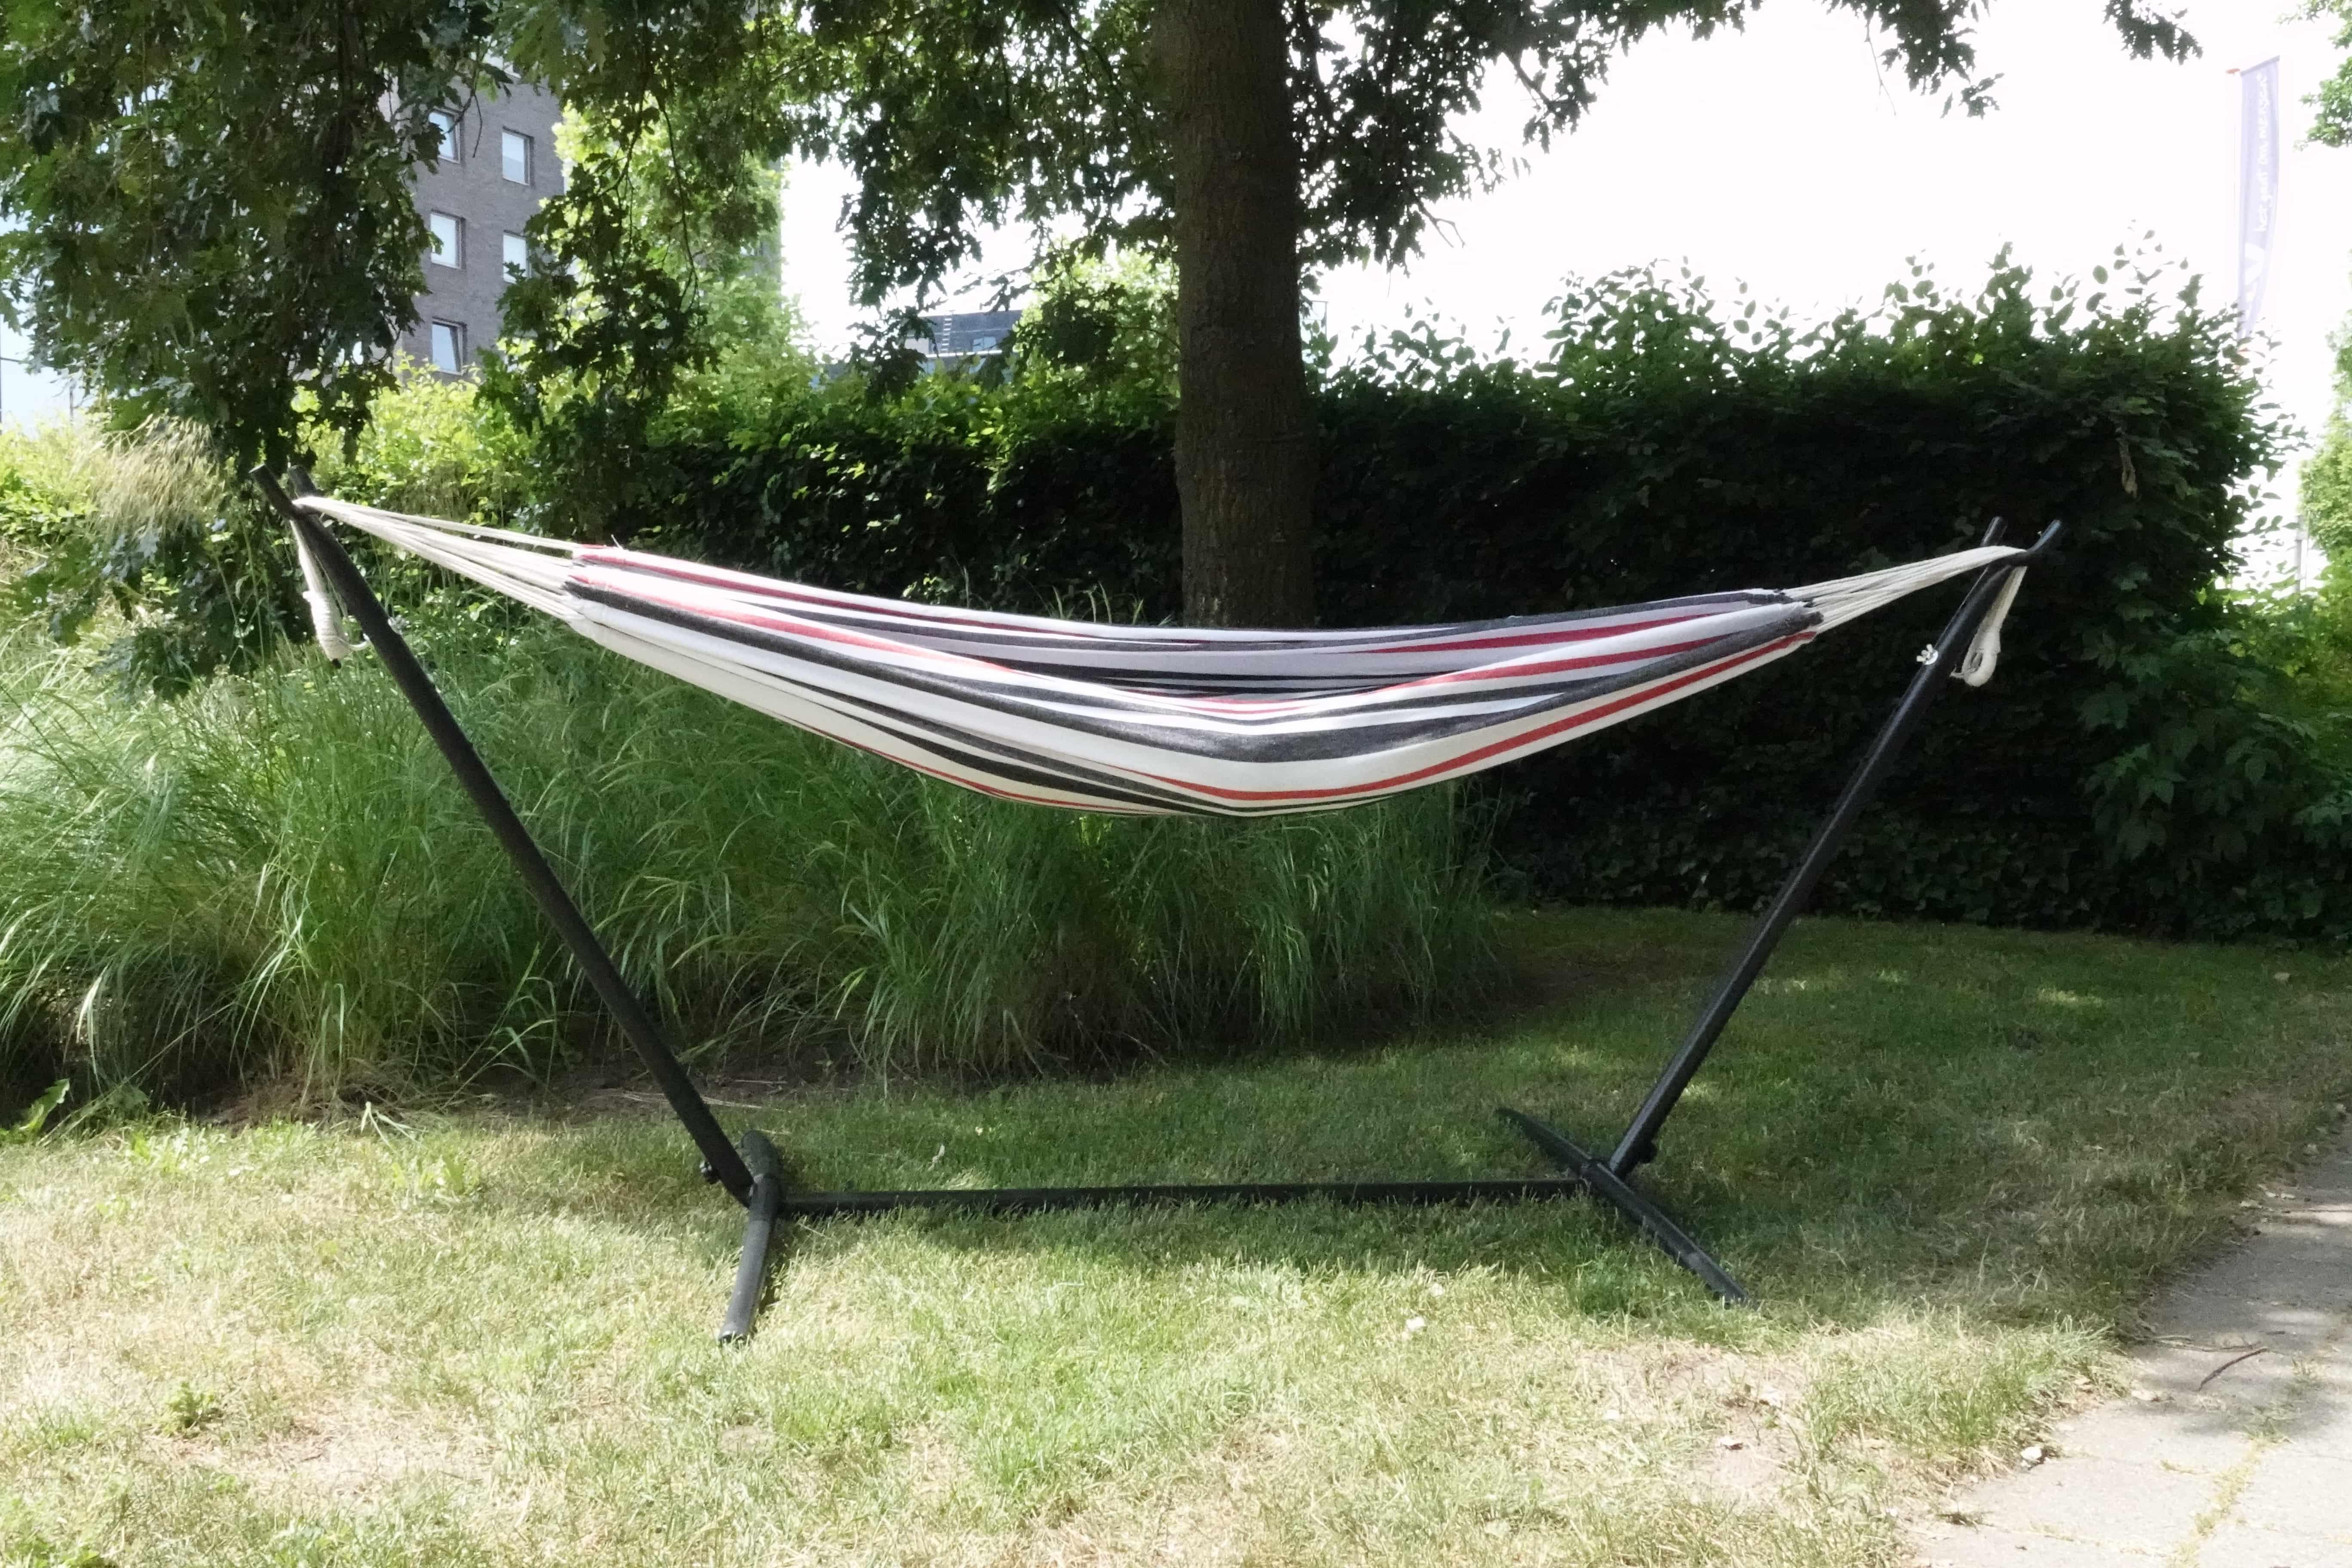 4gardenz Canvas hangmat Scandic - 200x150cm -Totale lengte 320cm